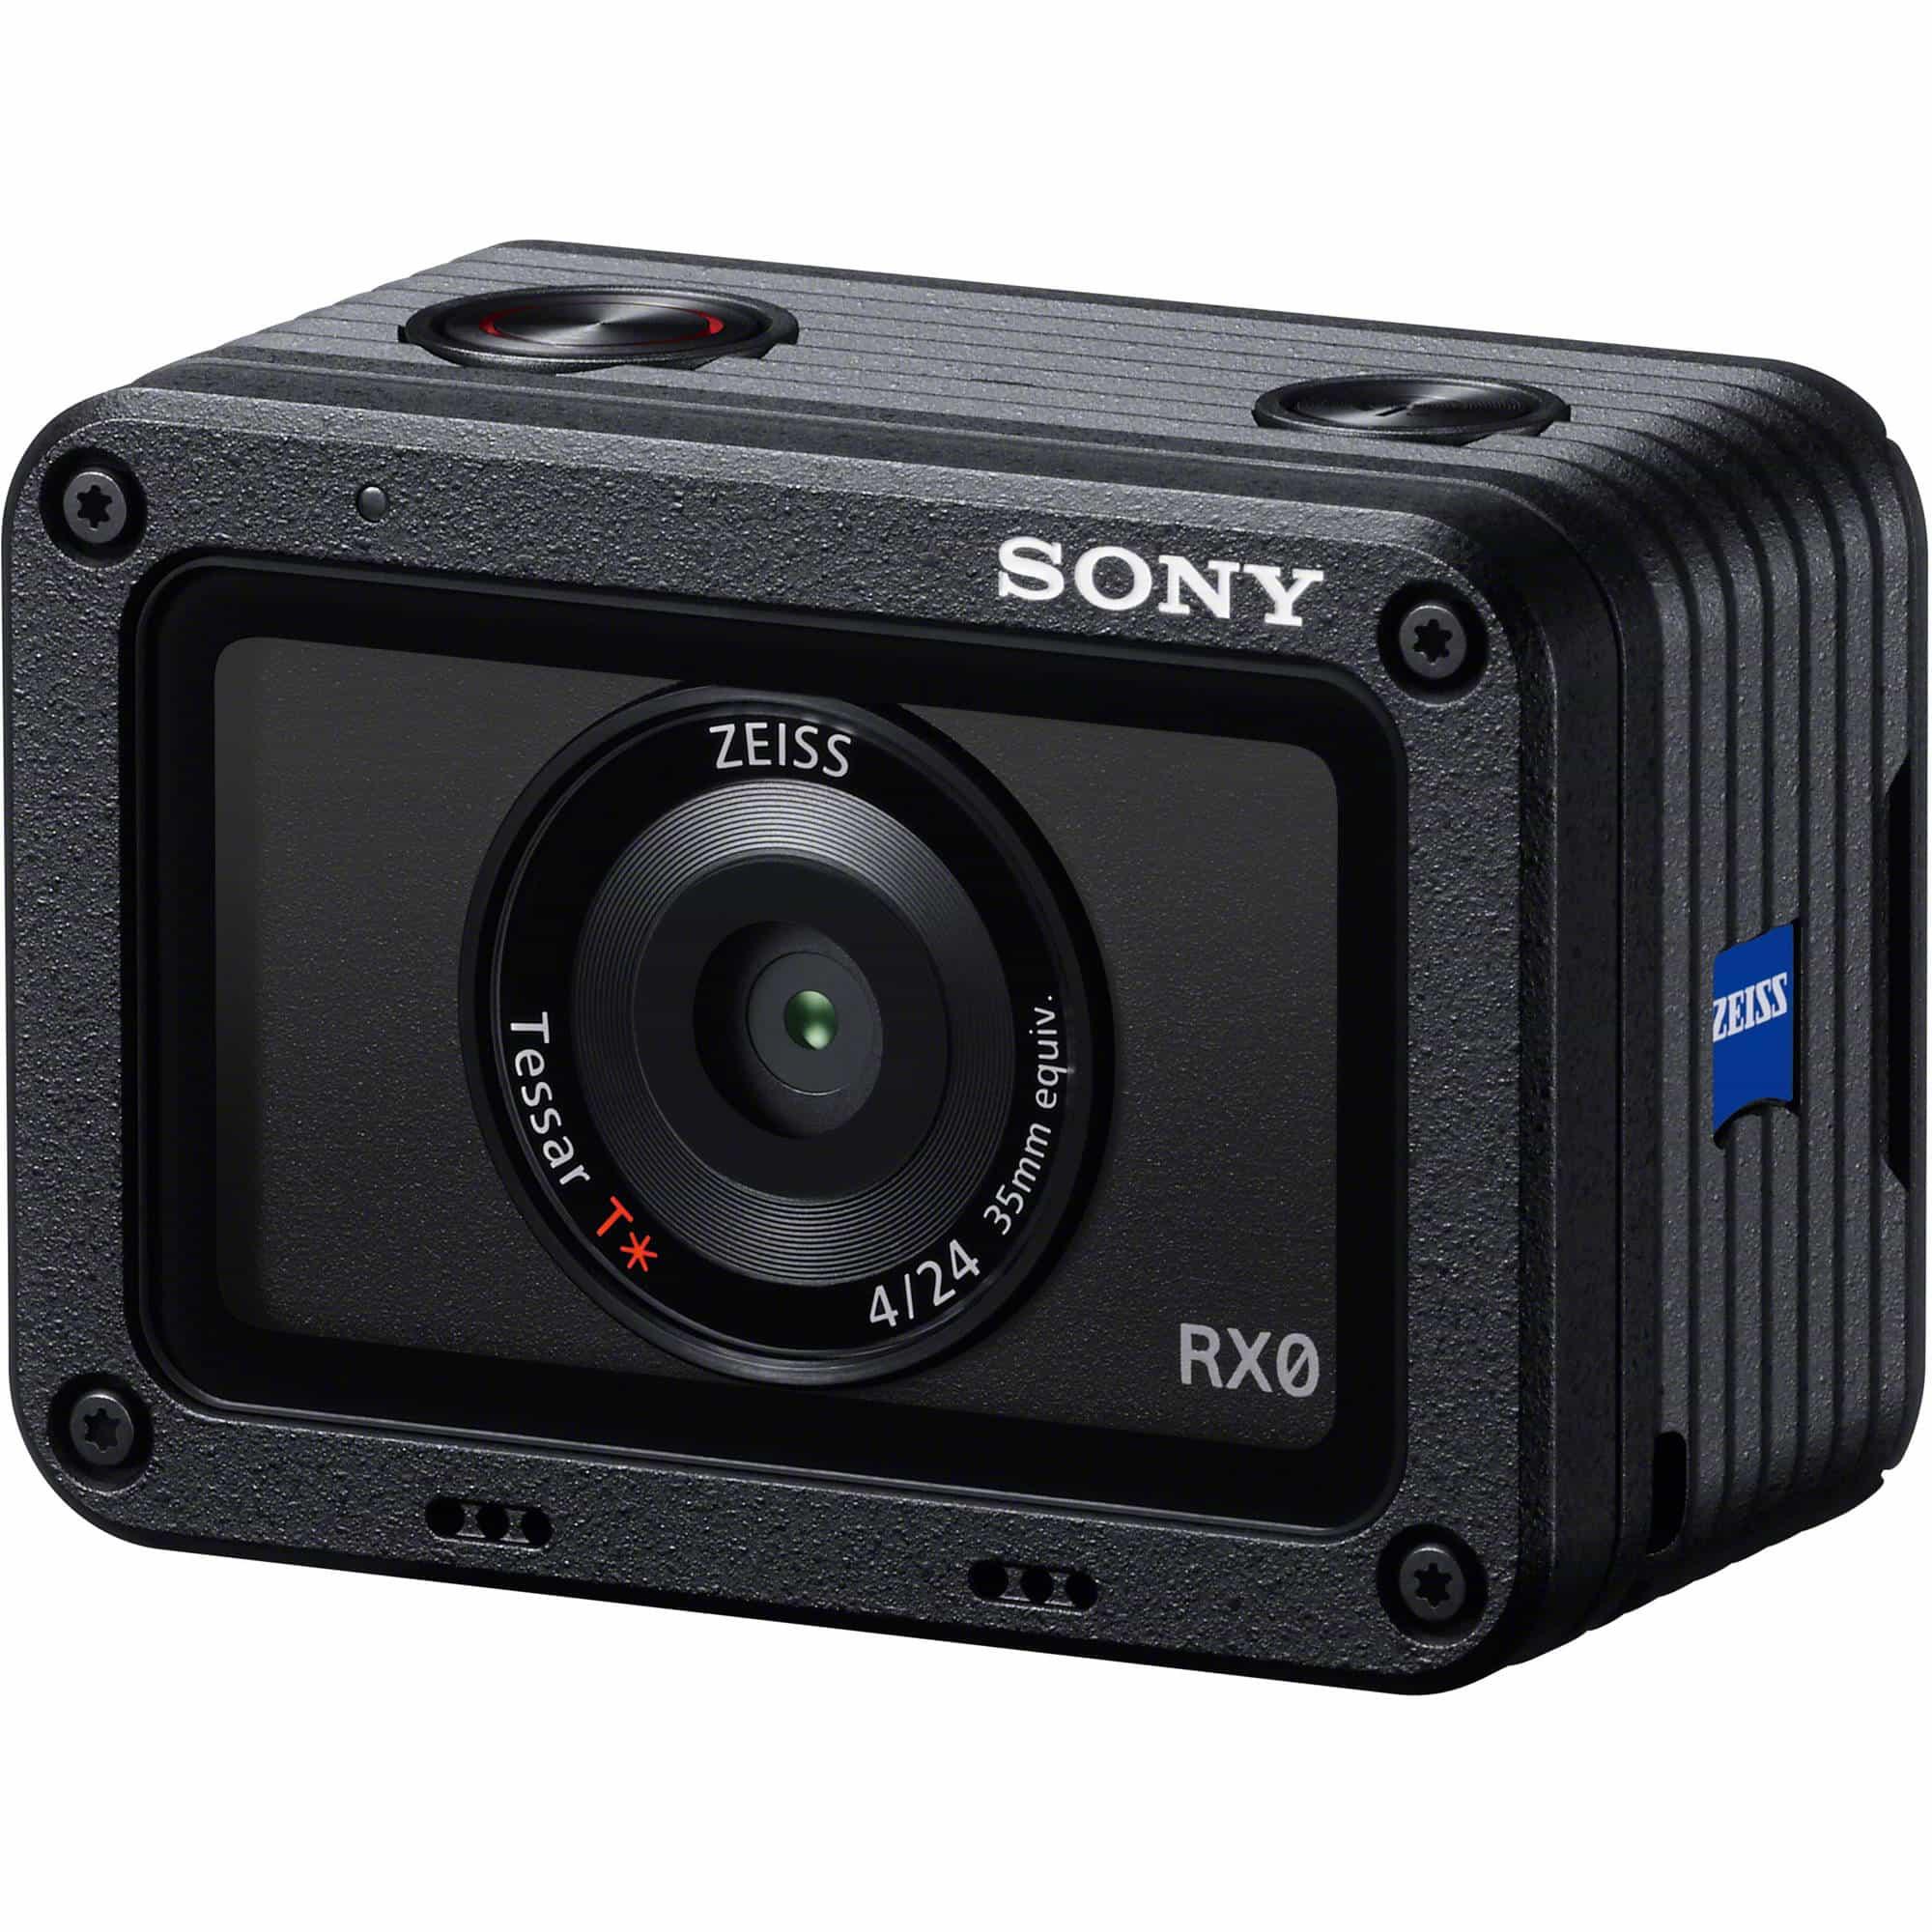 Sony RX0 - Nybrott Media AS